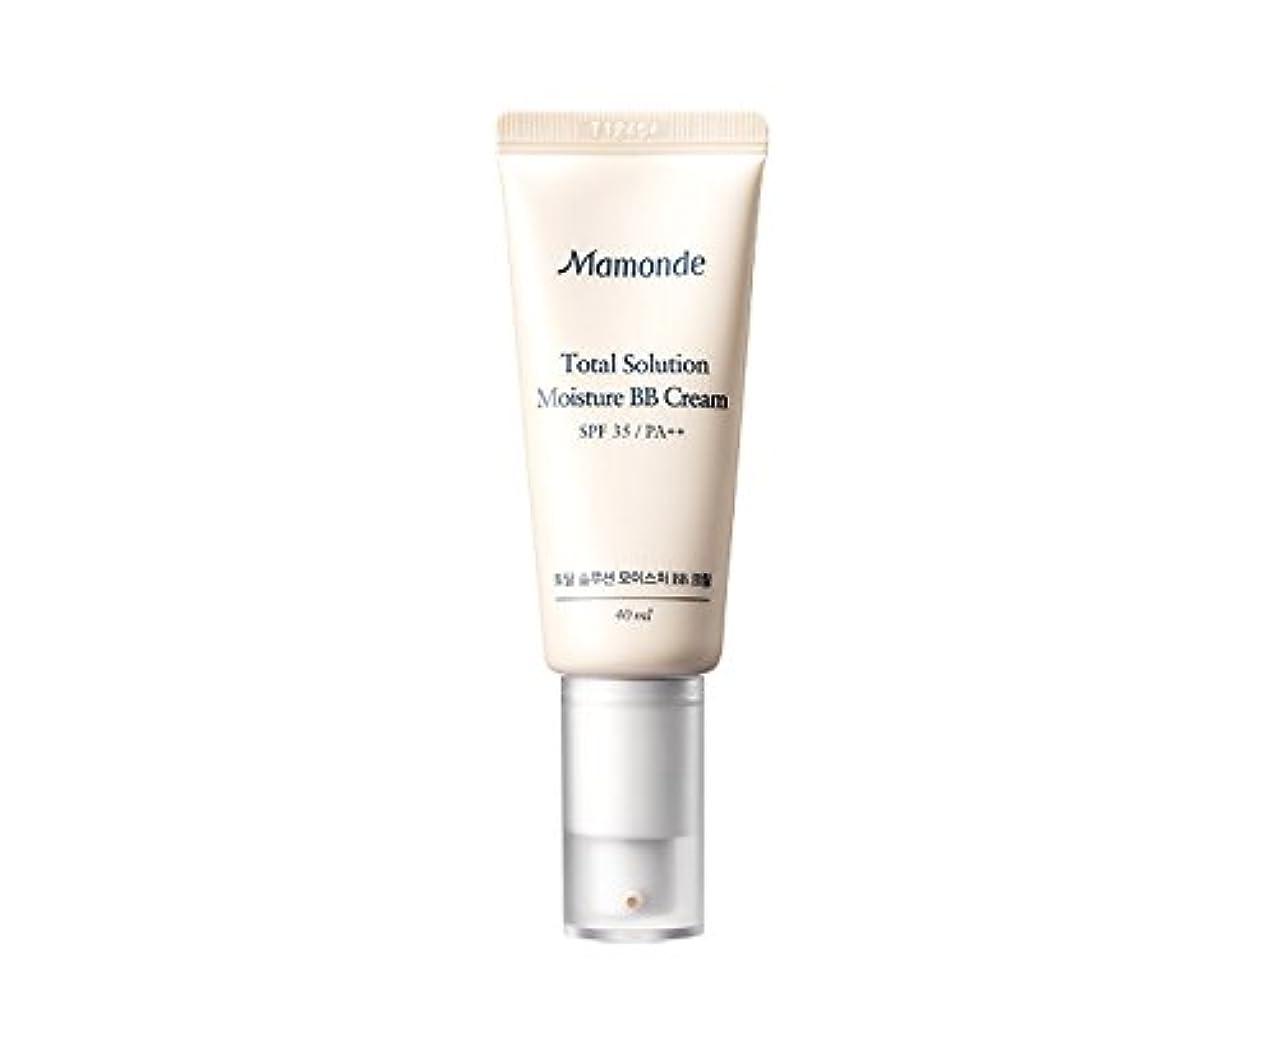 退屈させるしなやかな温度Mamonde Total Solution Moisture BB cream 40ml/マモンド トータル ソリューション モイスチャー BBクリーム 40ml (#2 Natural Beige) [並行輸入品]